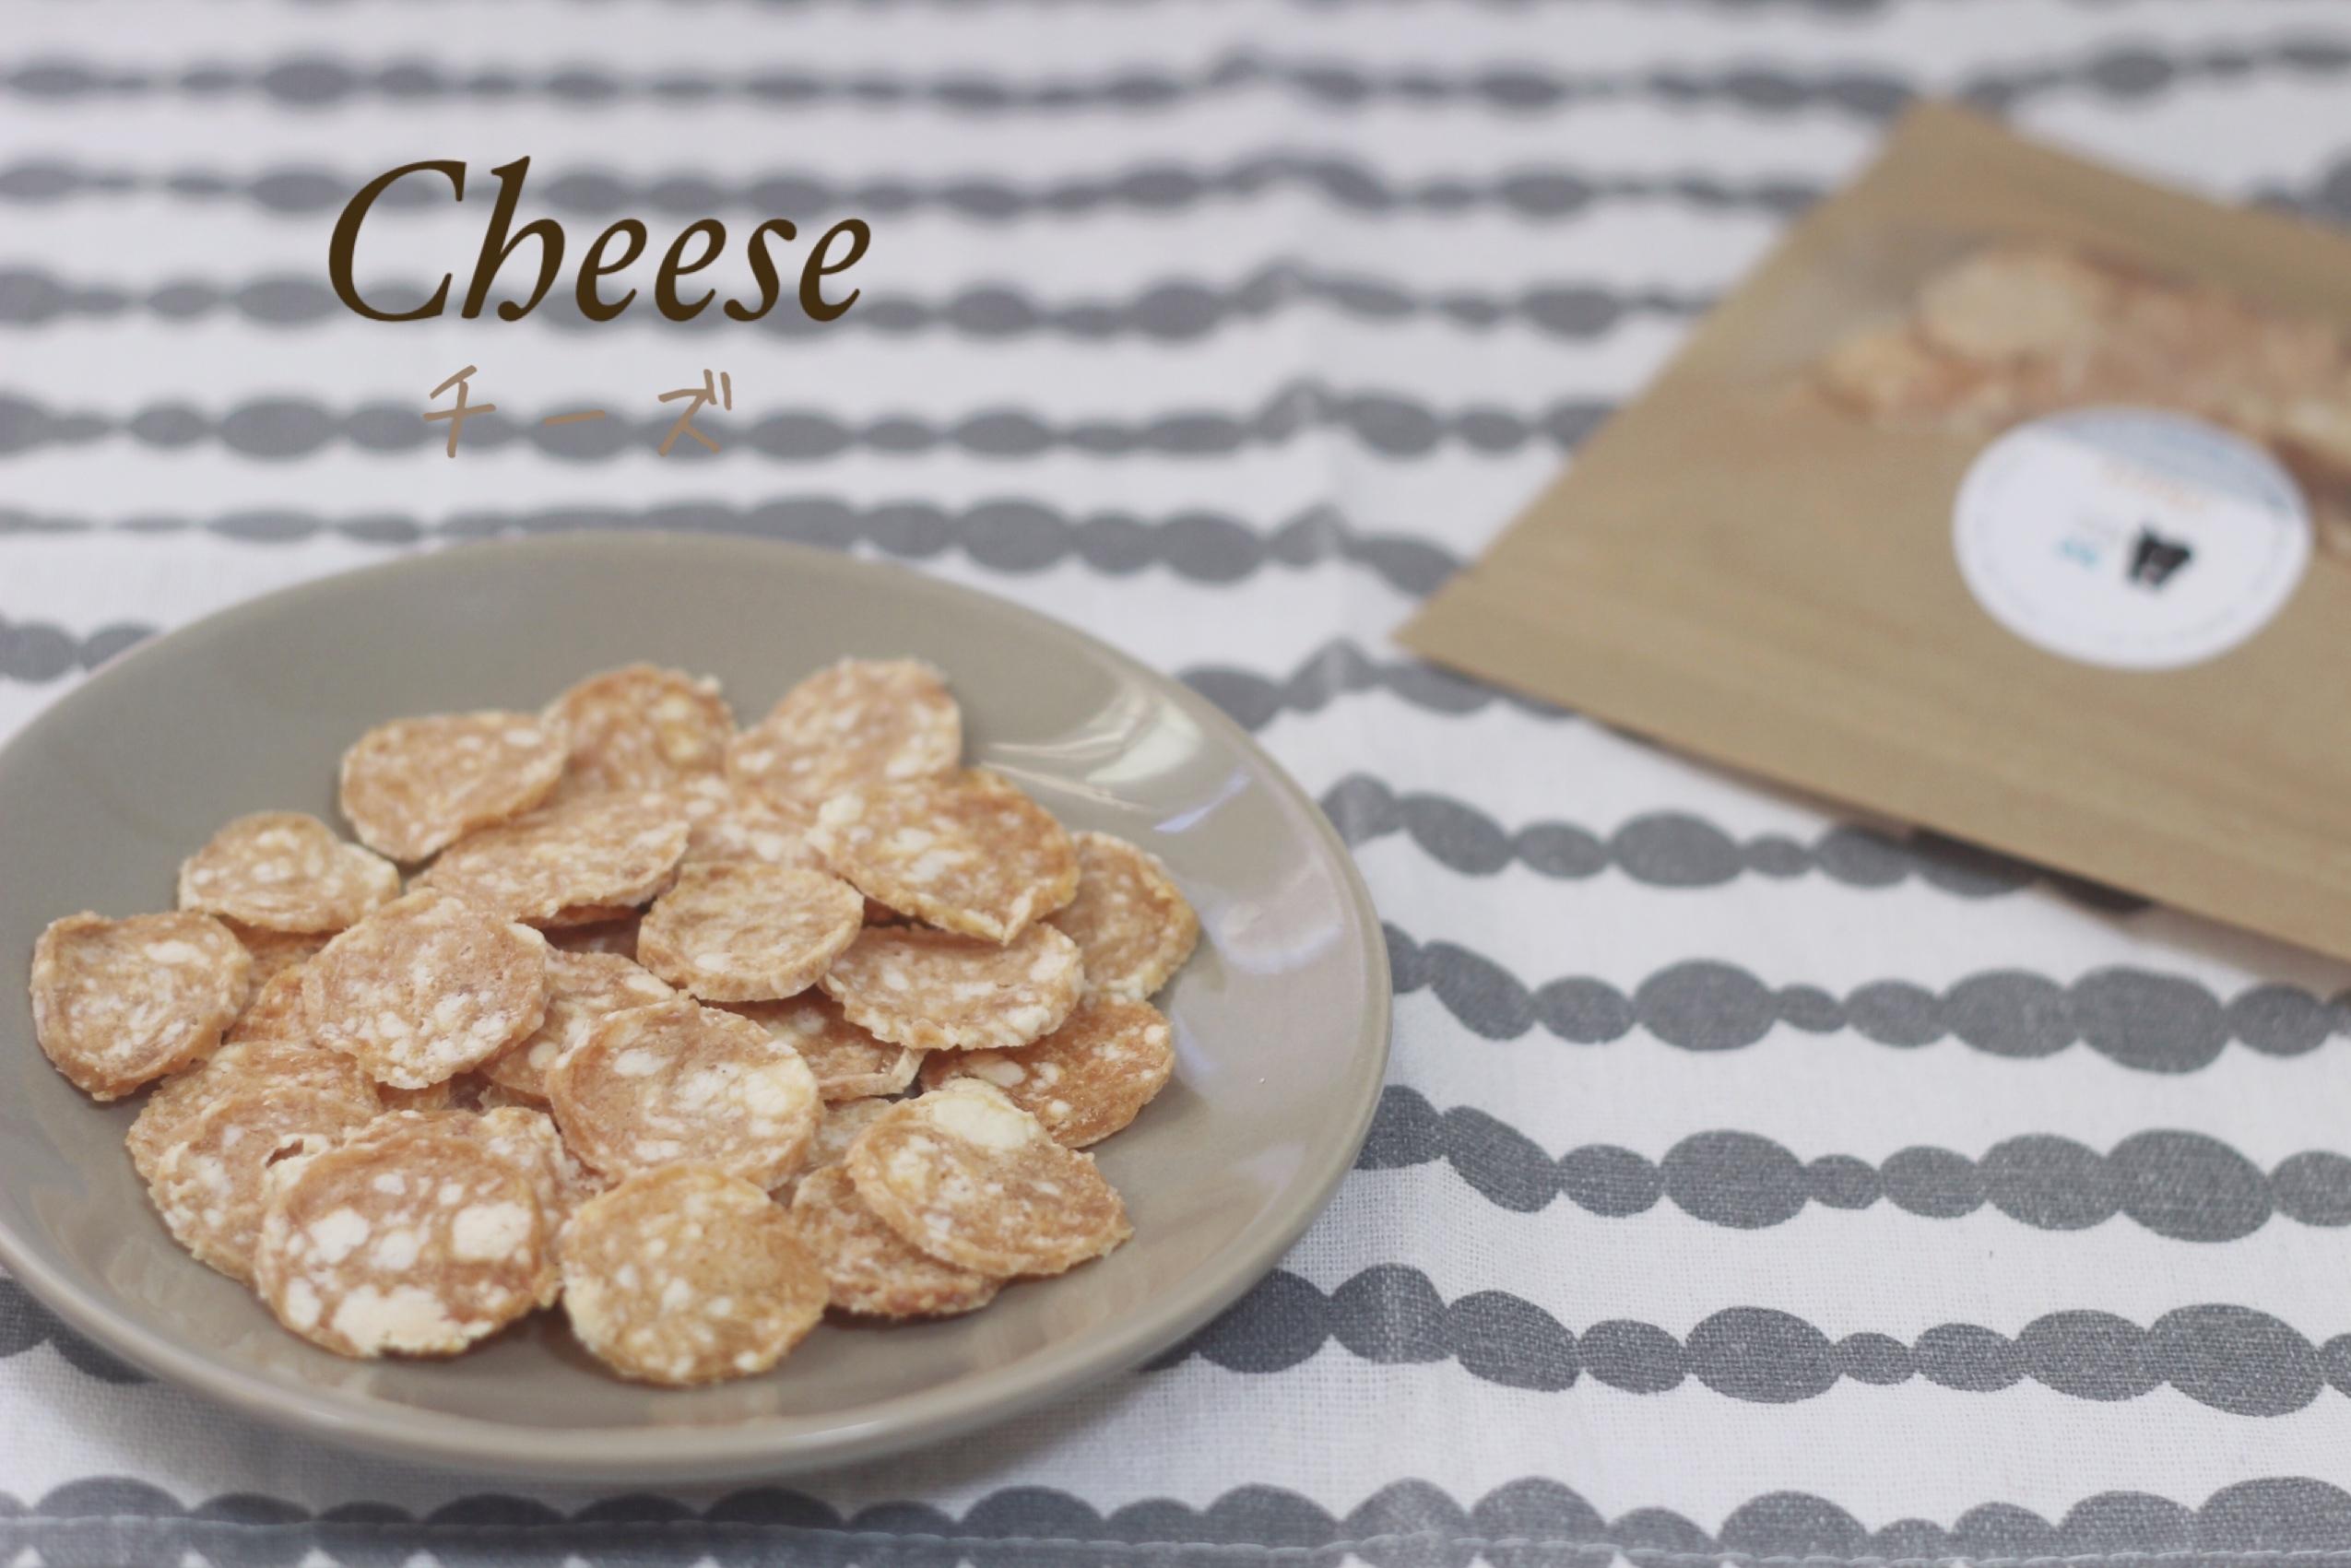 《8月中旬以降〜出来上がり次第発送》チーズ 高品質ジャーキー